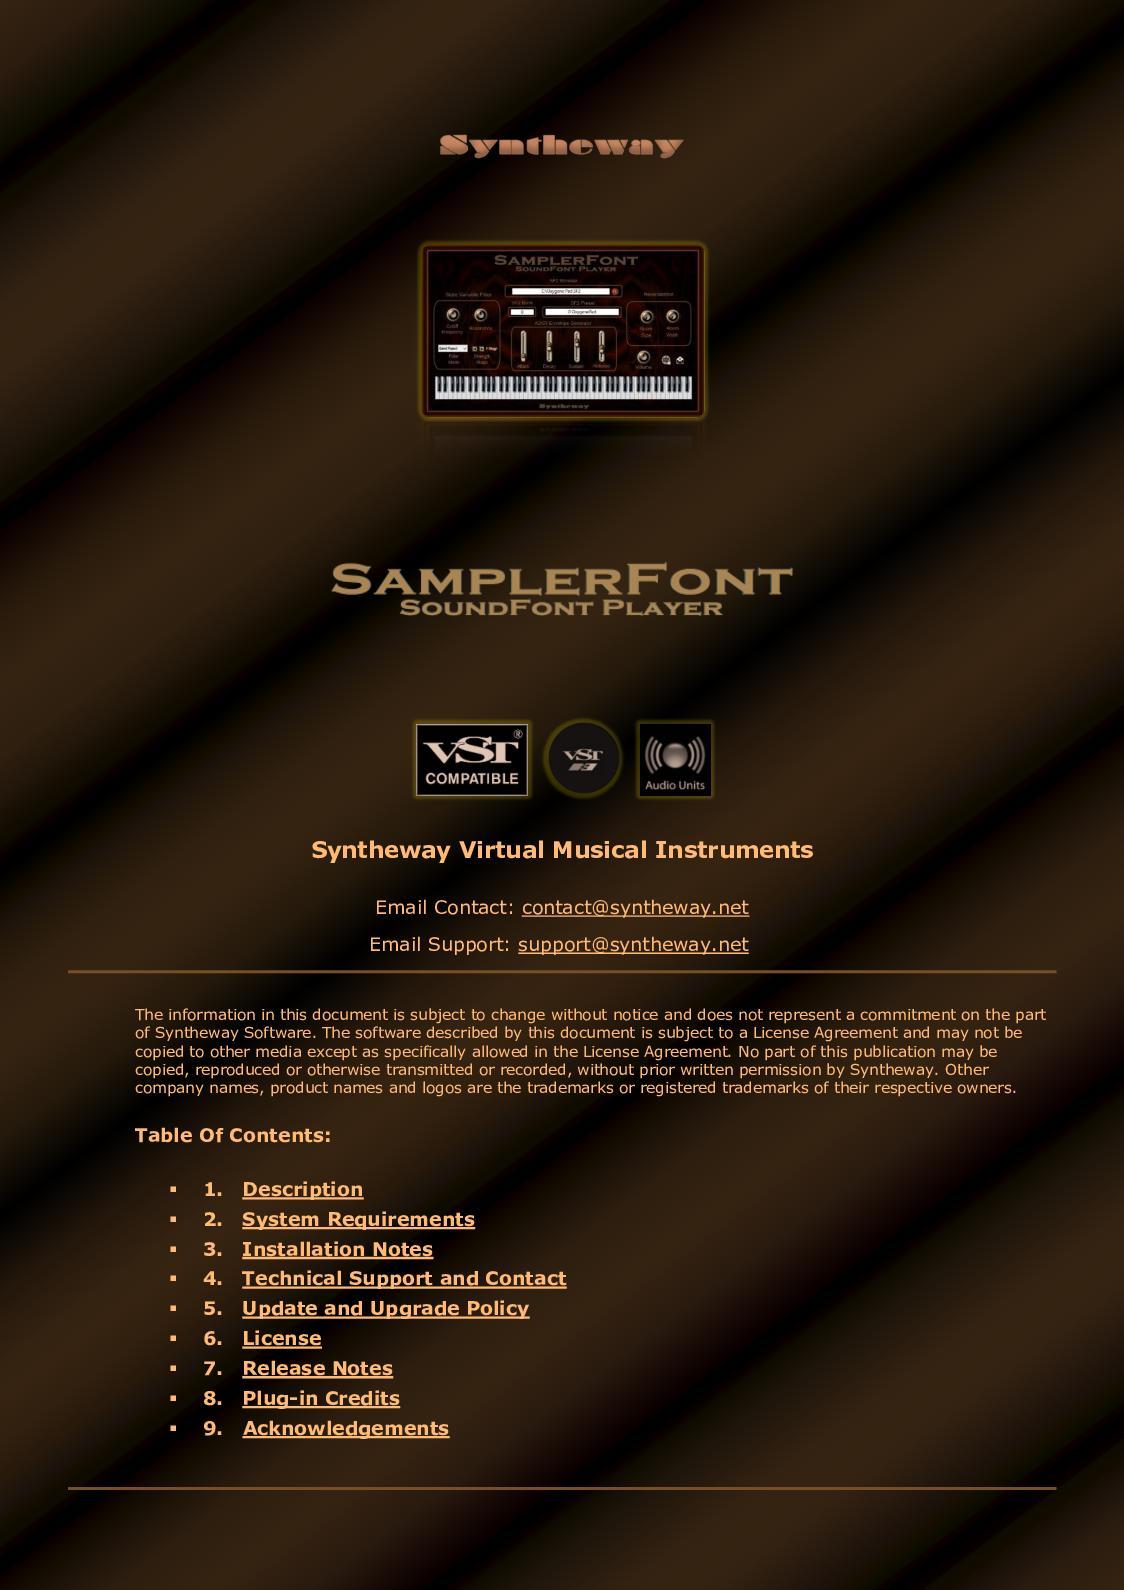 Calaméo - SamplerFont SoundFont Player VST VST3 64 bit for